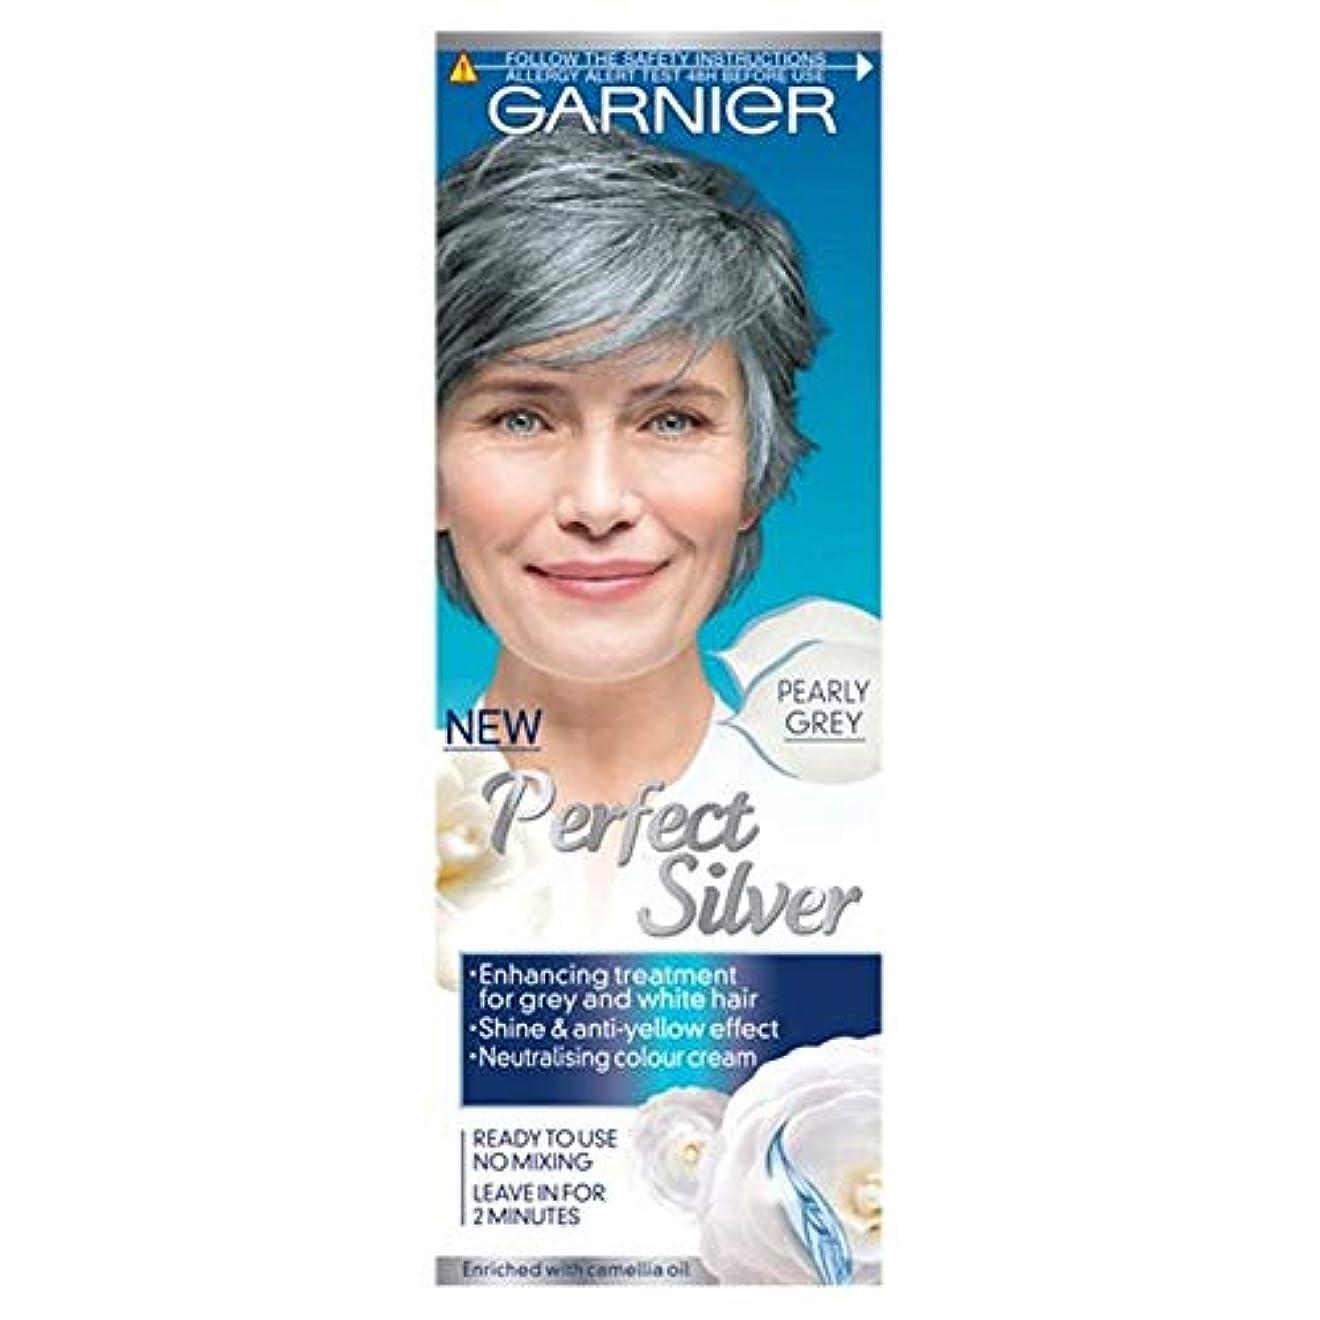 行商劇作家売上高[Nutrisse] ガルニエ完璧なシルバー、パールグレー80ミリリットル - Garnier Perfect Silver Pearly Grey 80Ml [並行輸入品]